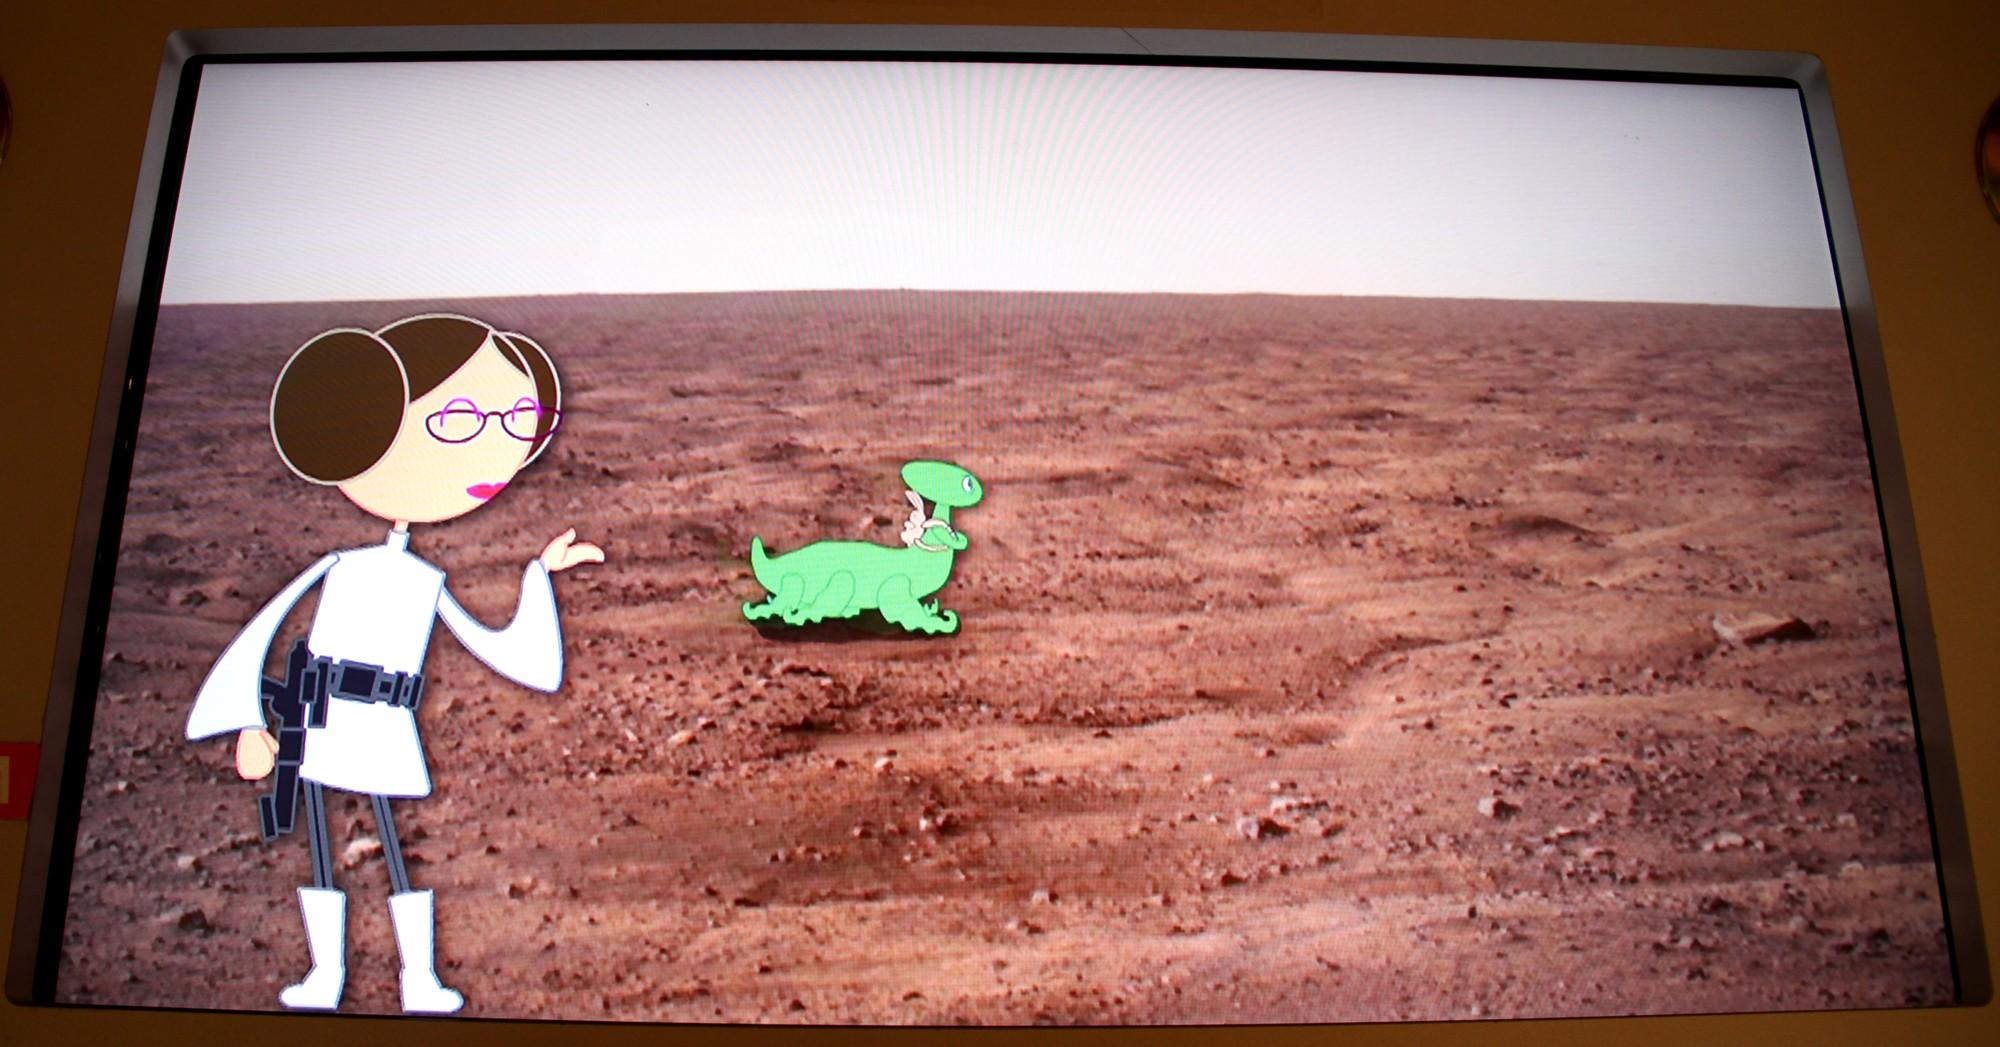 14 12 18 - 17h 43m 19s - Expo l'eau sur Mars pavillon de l'eau r